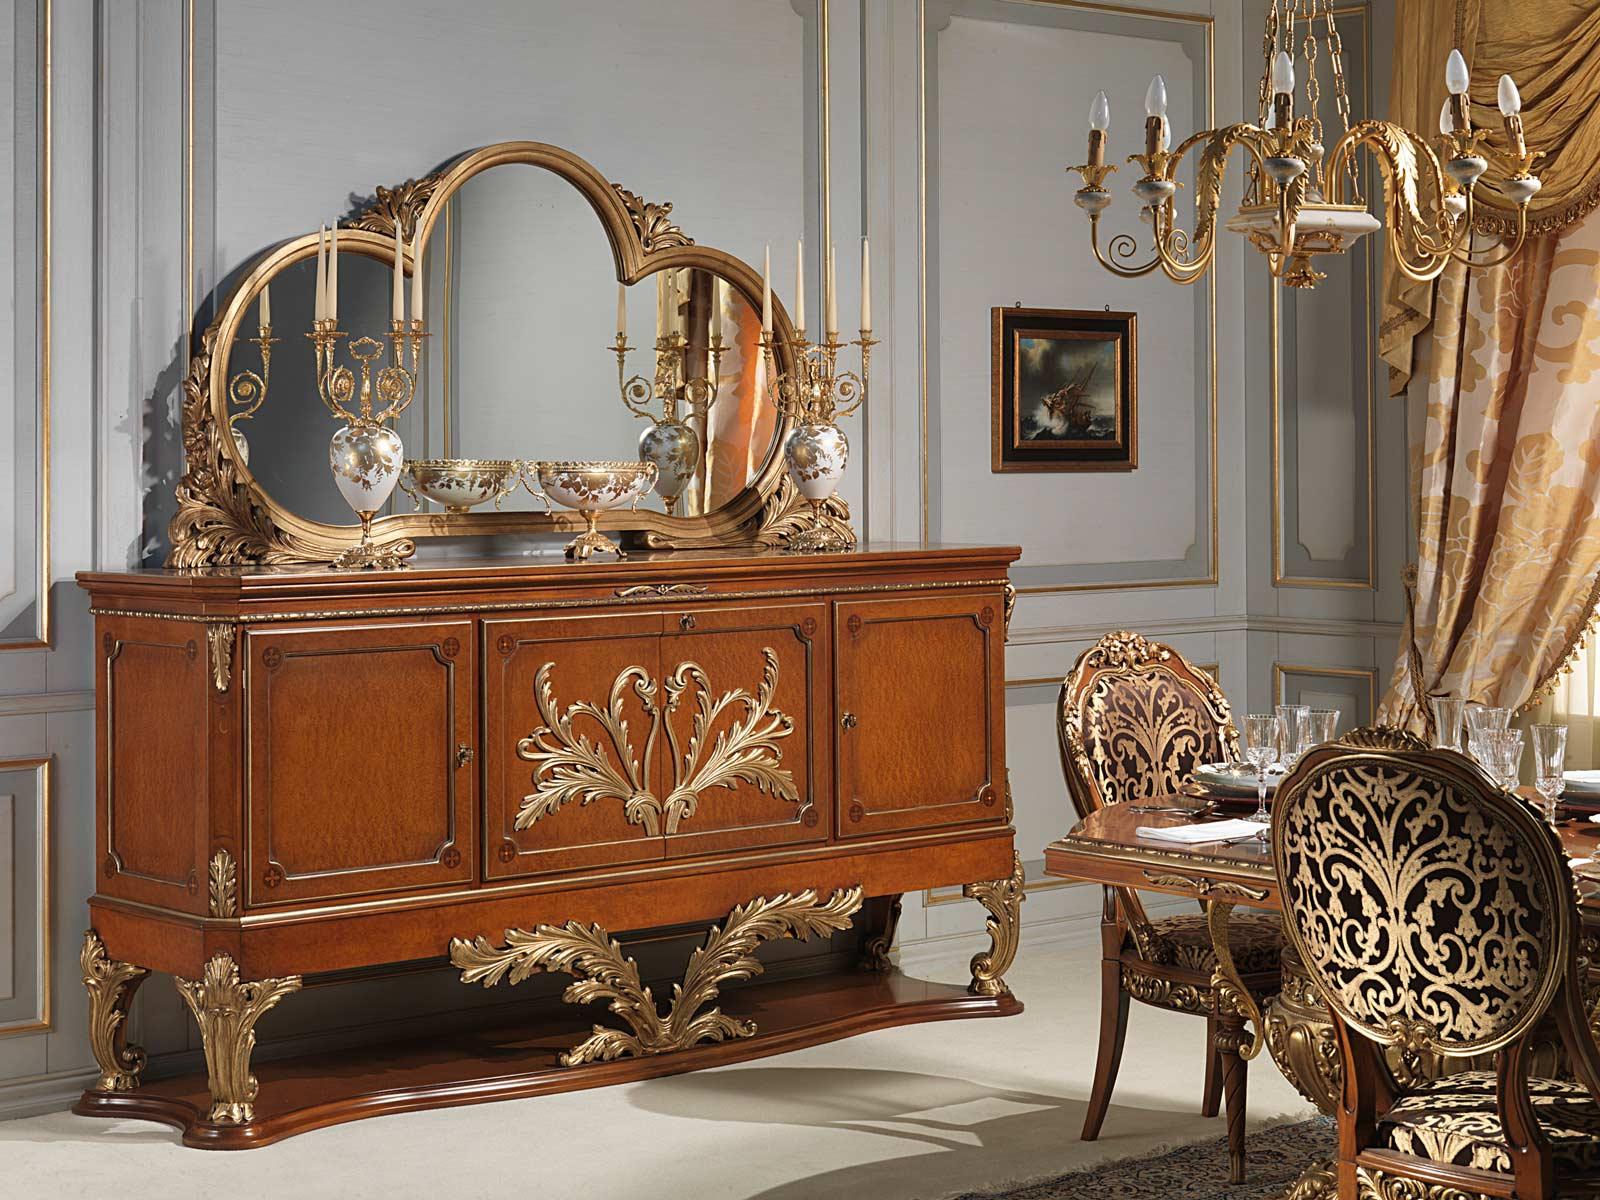 Credenza Versailles In Stile Luigi XVI Vimercati Meda #764121 1600 1200 Sala Da Pranzo In Noce